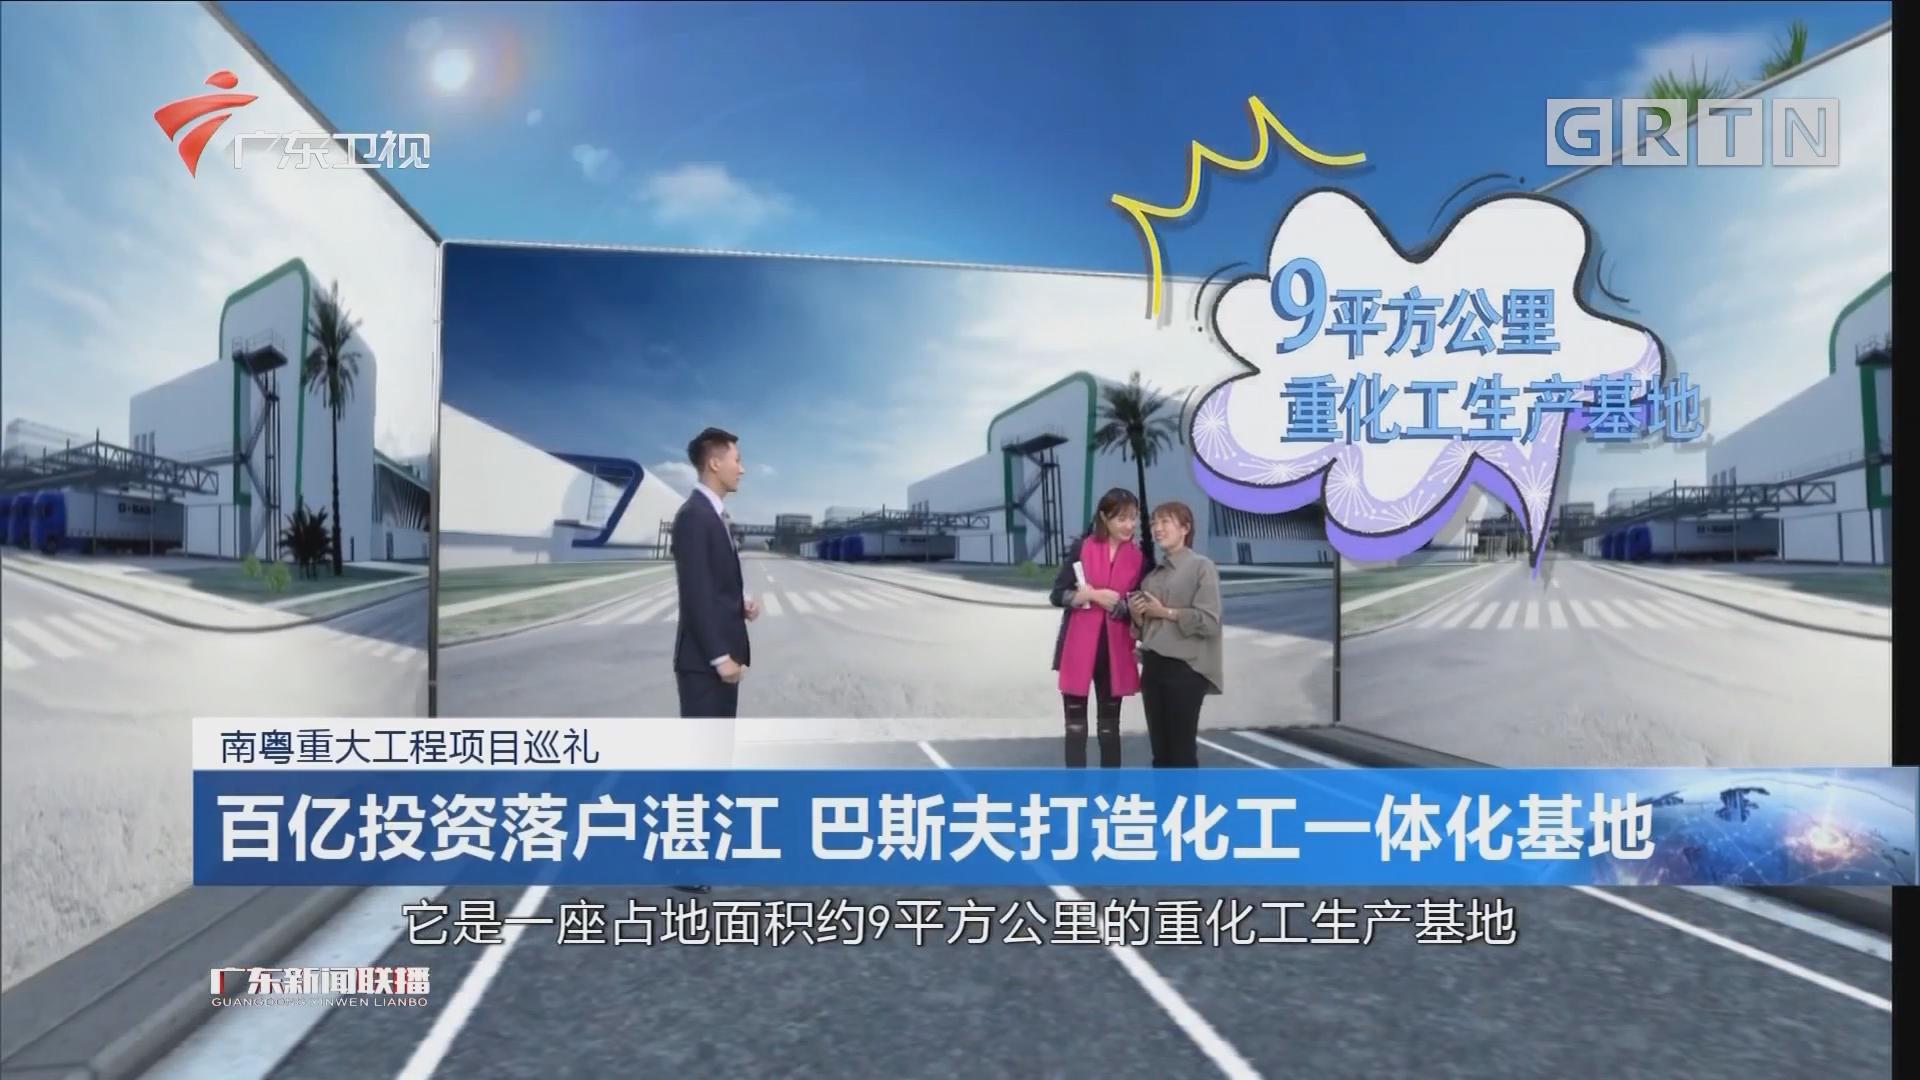 百亿投资落户湛江 巴斯夫打造化工一体化基地